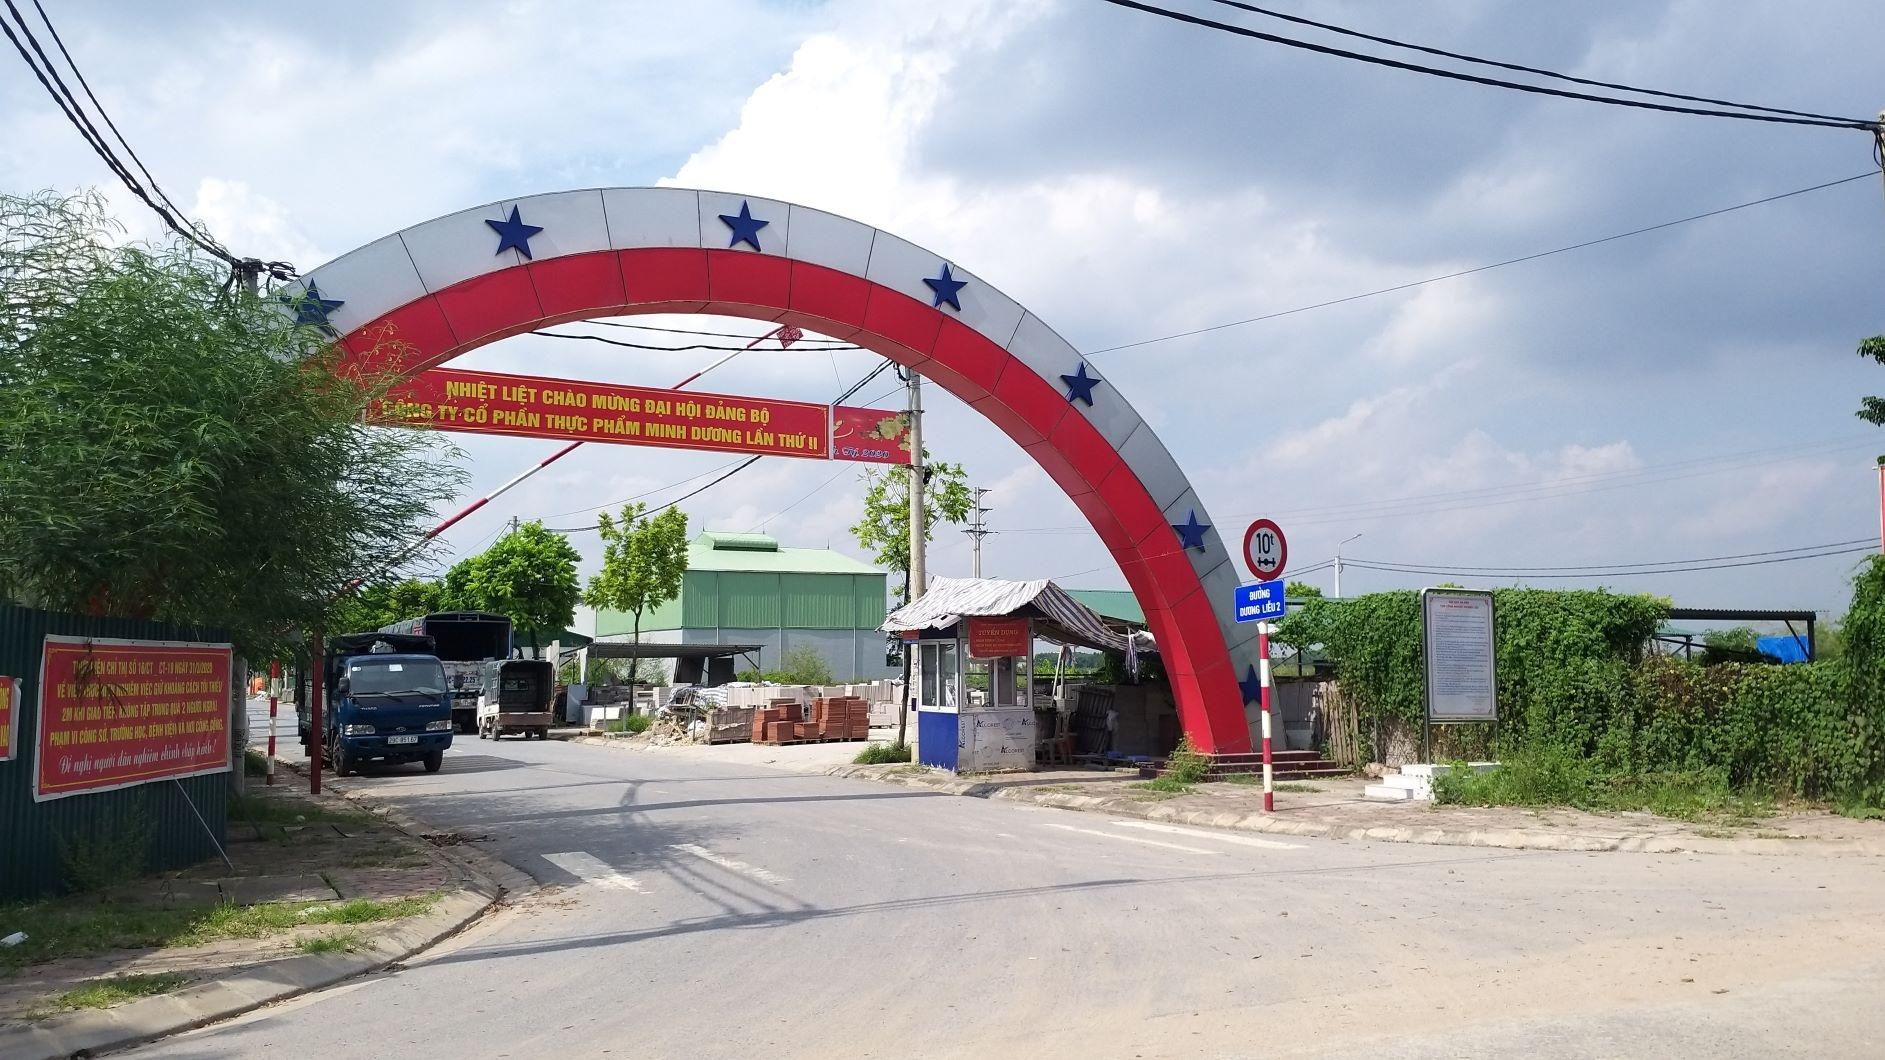 Hà Nội: Dự án Cụm công nghiệp làng nghề xã Dương Liễu thực hiện đúng quy định pháp luật